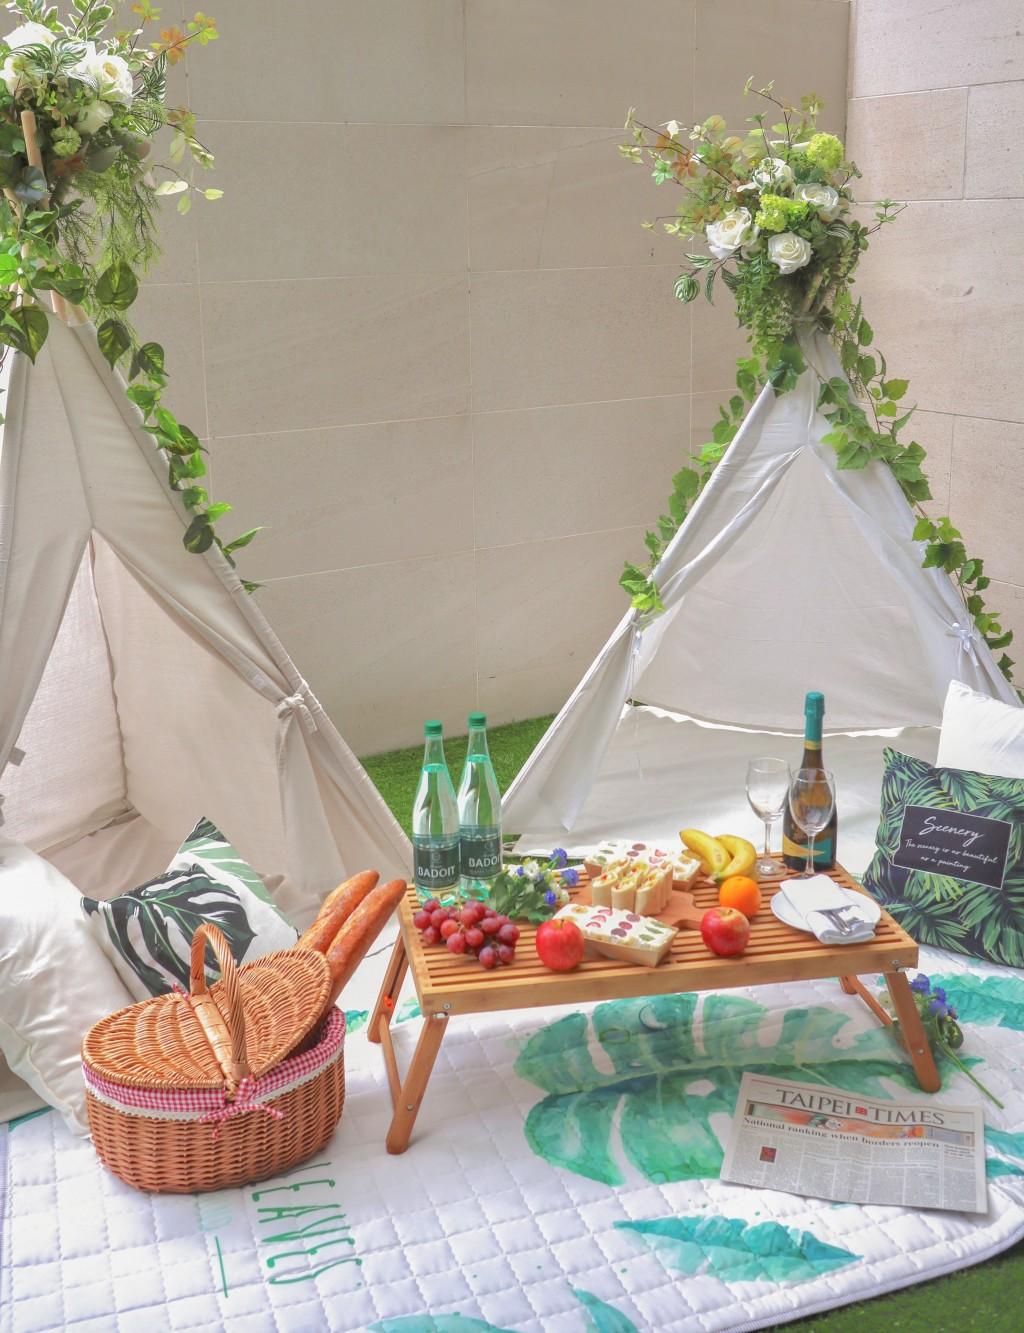 最夯的懶人露營 大溪威斯汀首創奢華SPA野餐主題套房 免搭帳篷輕鬆入住!